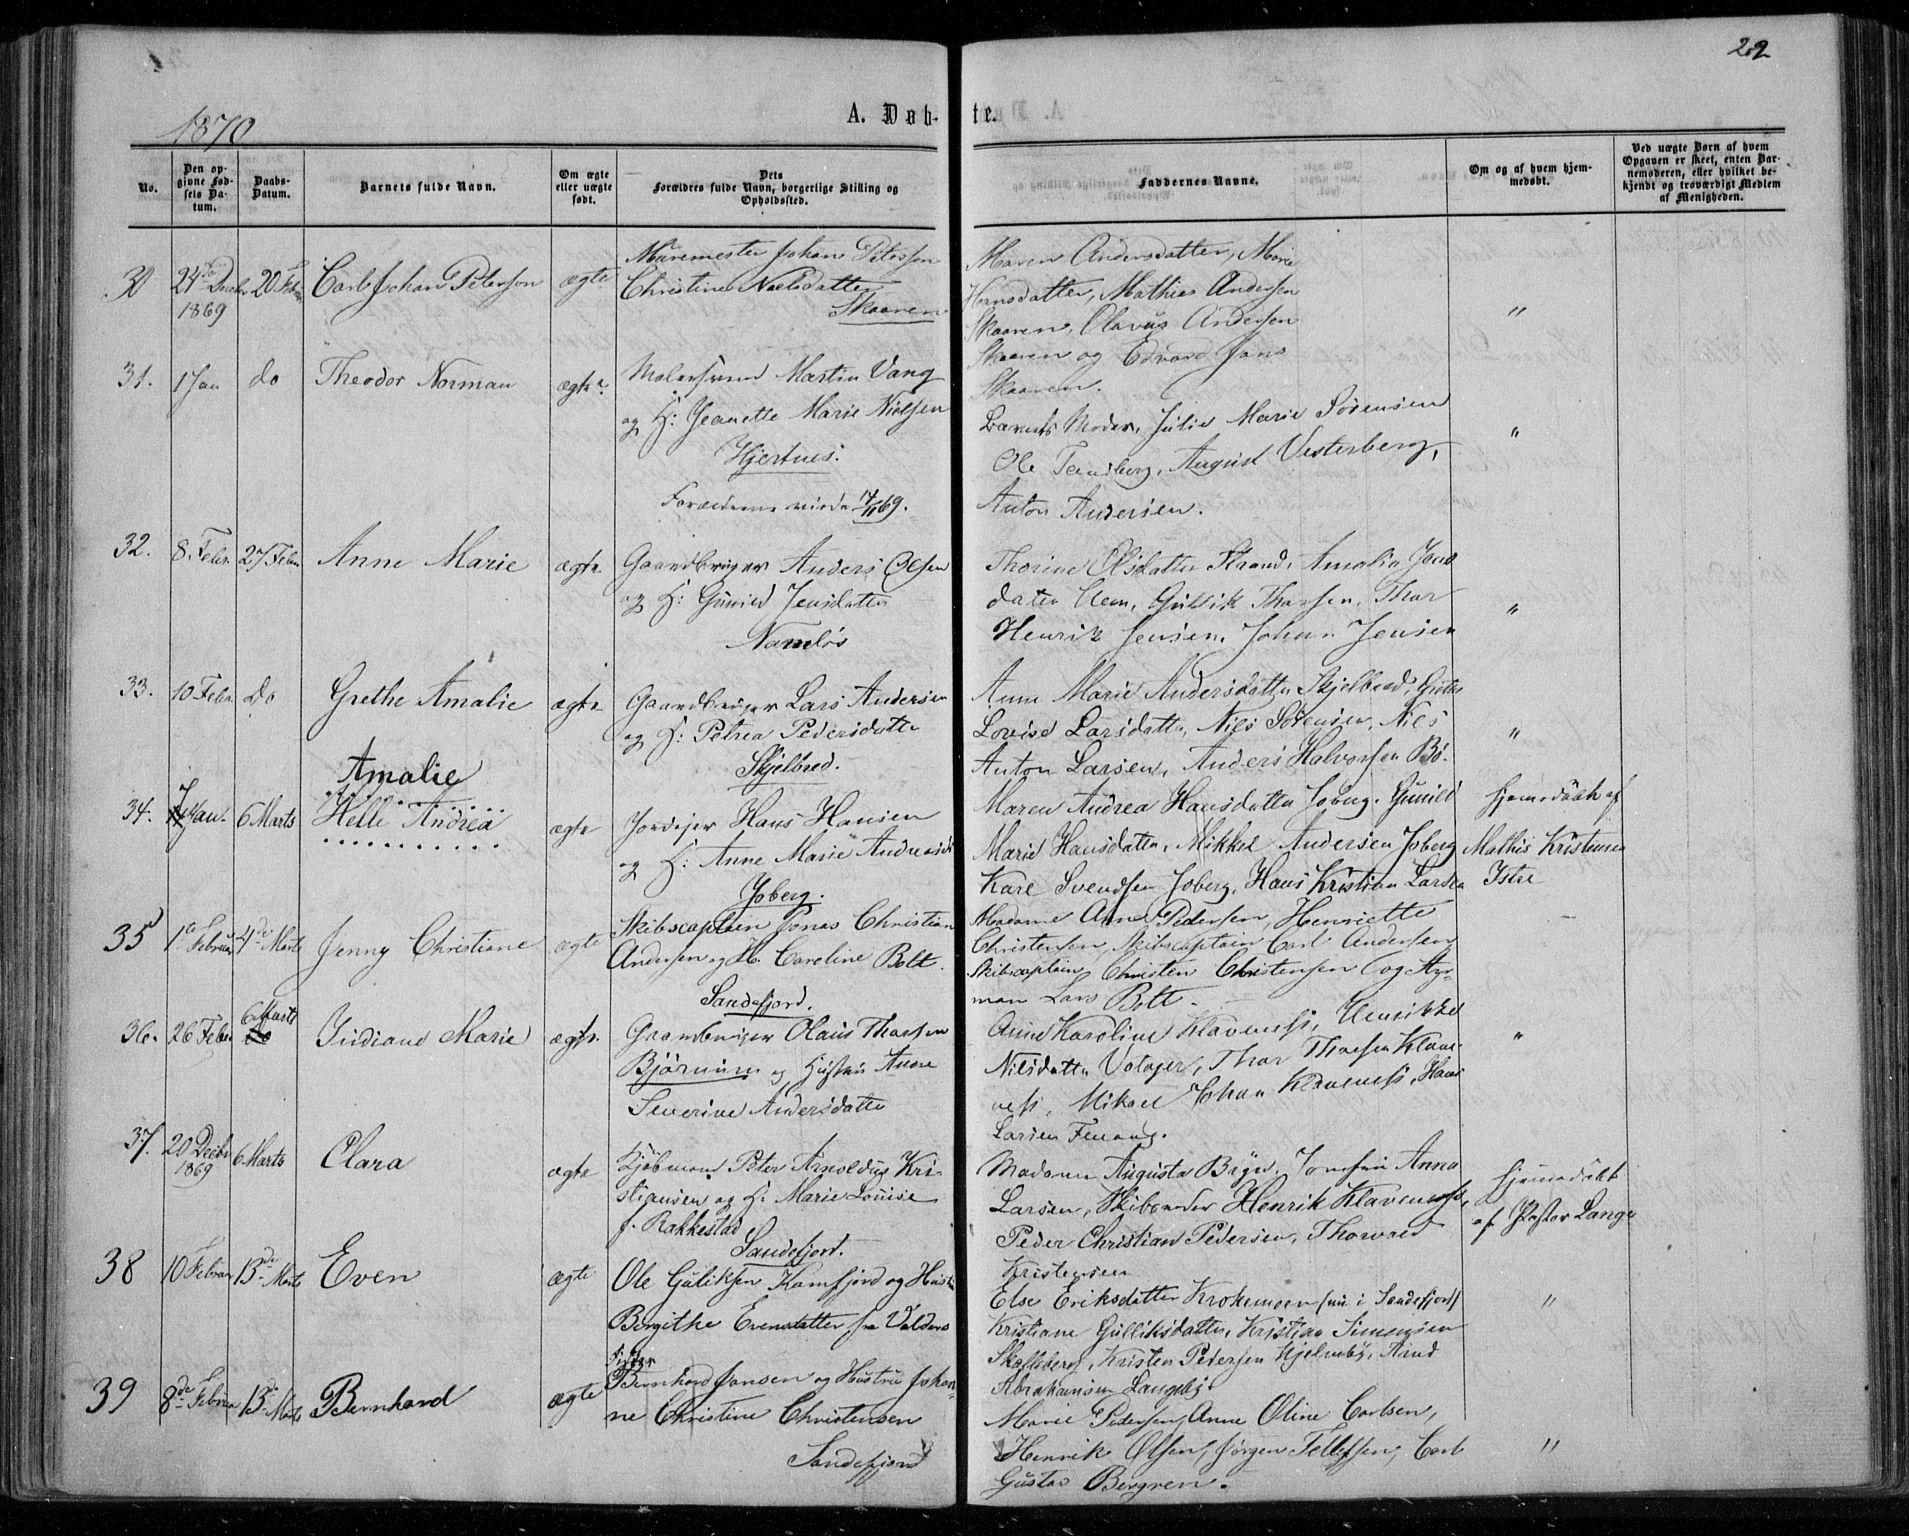 SAKO, Sandar kirkebøker, F/Fa/L0008: Ministerialbok nr. 8, 1862-1871, s. 202